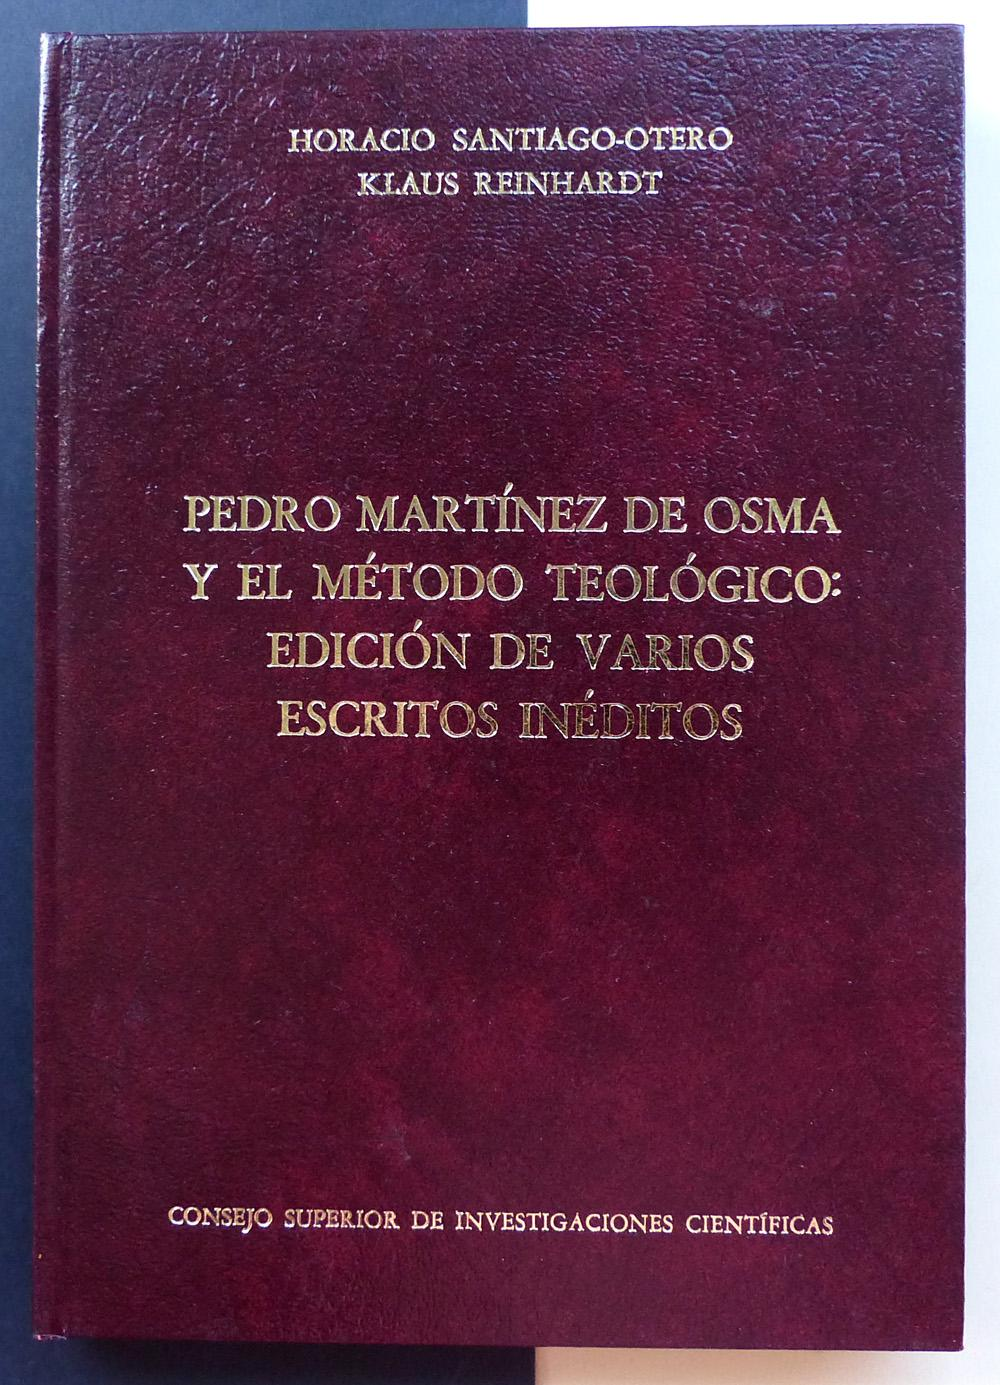 Pedro Martínez de Osma y el método teológico: Edición de varios escritos inéditos. - SANTIAGO-OTERO, Horacio y REINHARDT, Klaus